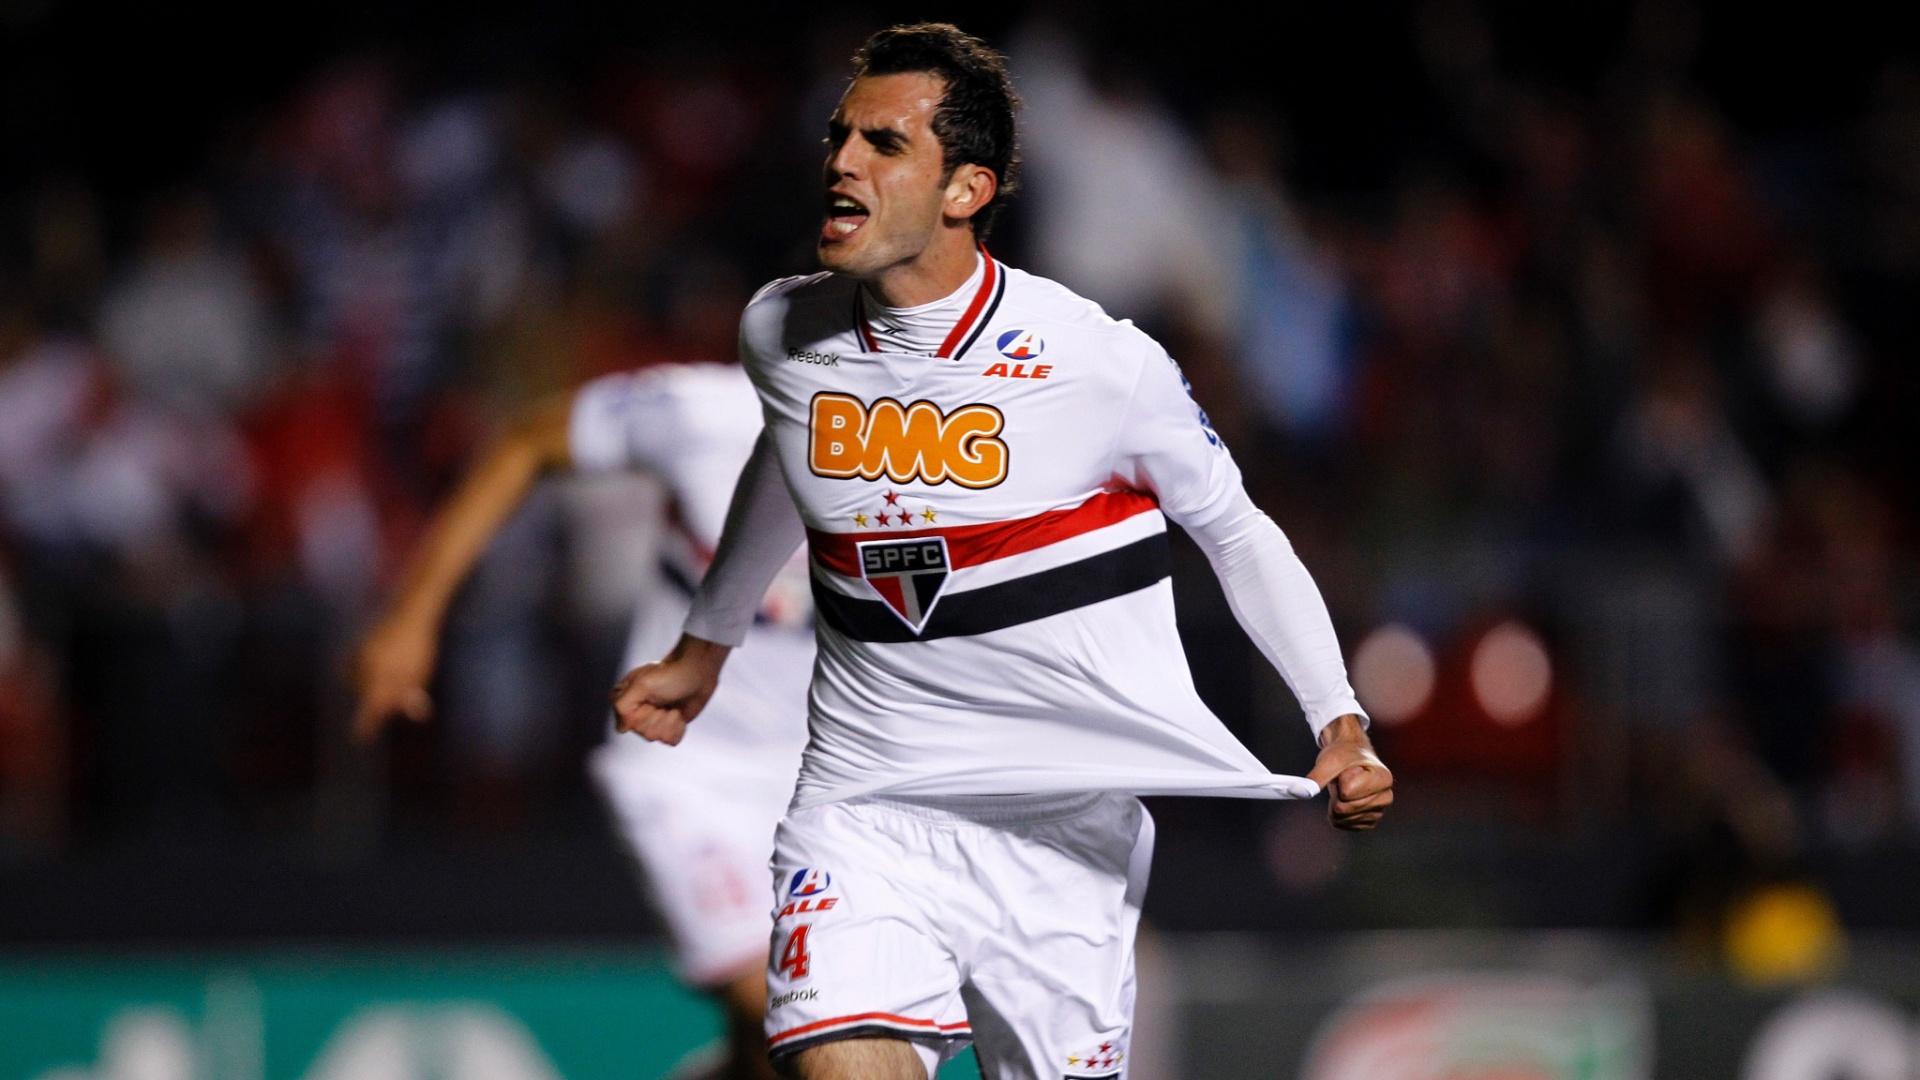 Rhodolfo comemora o primeiro gol do São Paulo na partida